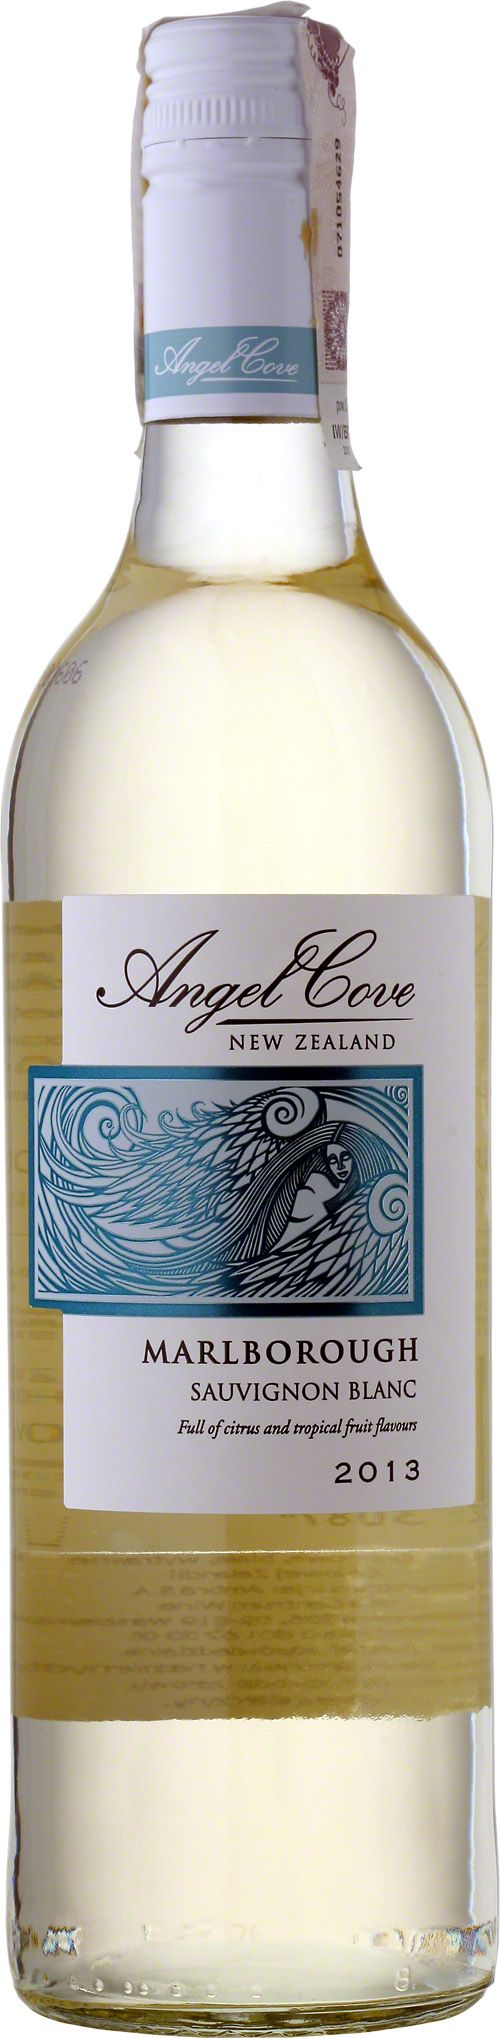 Angel Cove Marlborough Sauvignon Blanc Wino bladożółte z zielonkawymi refleksami. W nosie nuty czarnej porzeczki, agrestu i owoców tropikalnych. Delikatne i zrównoważone w smaku. Bardzo przyjemne i uniwersalne nowozelandzkie sauvignon blanc. #AngelCove #Marlborough #SauvignonBlanc #NowaZelandia #Winezja #Wino